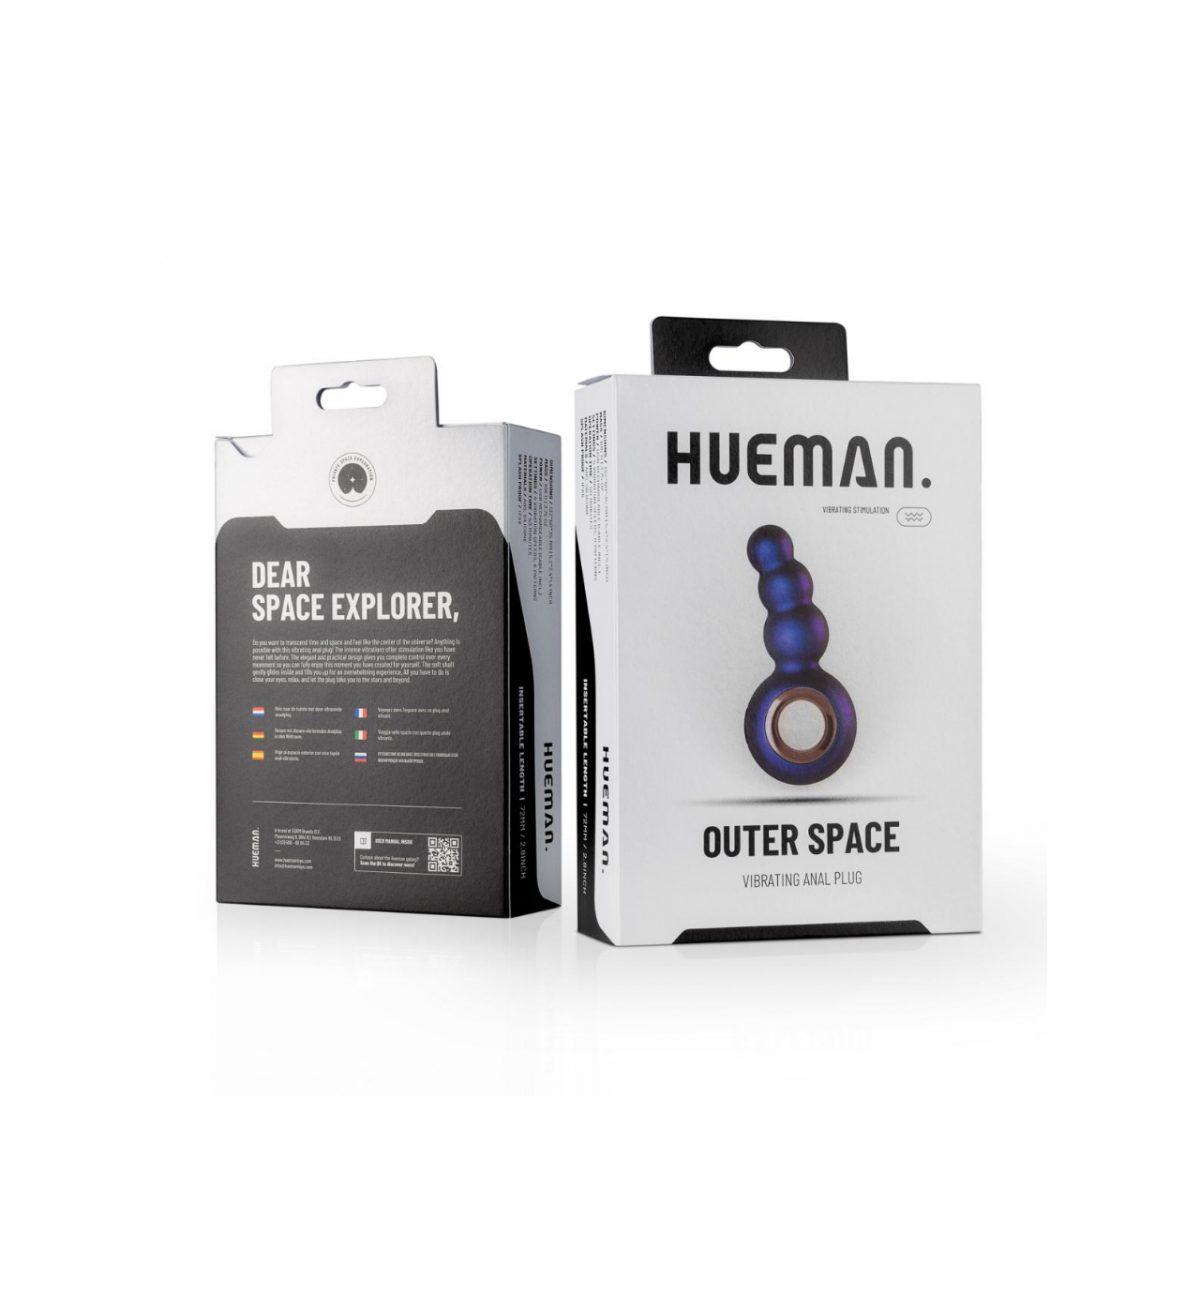 hueman analplugg outer space vibrating